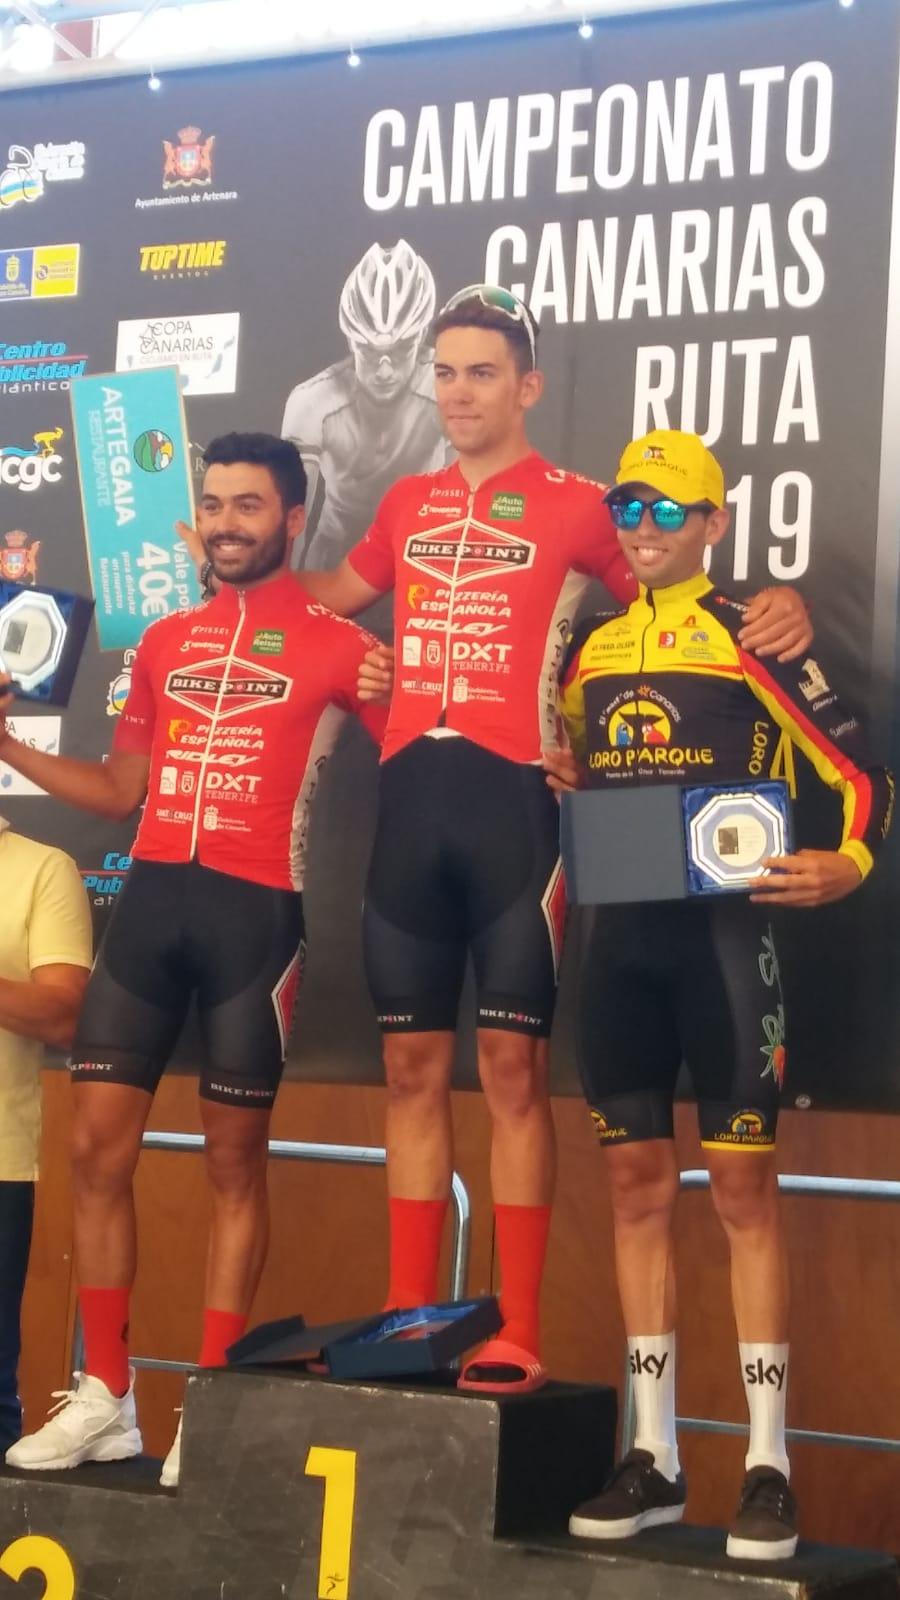 Tenerife Bike Point Pizzería Española Dani de la Fe Campeonato Canarias